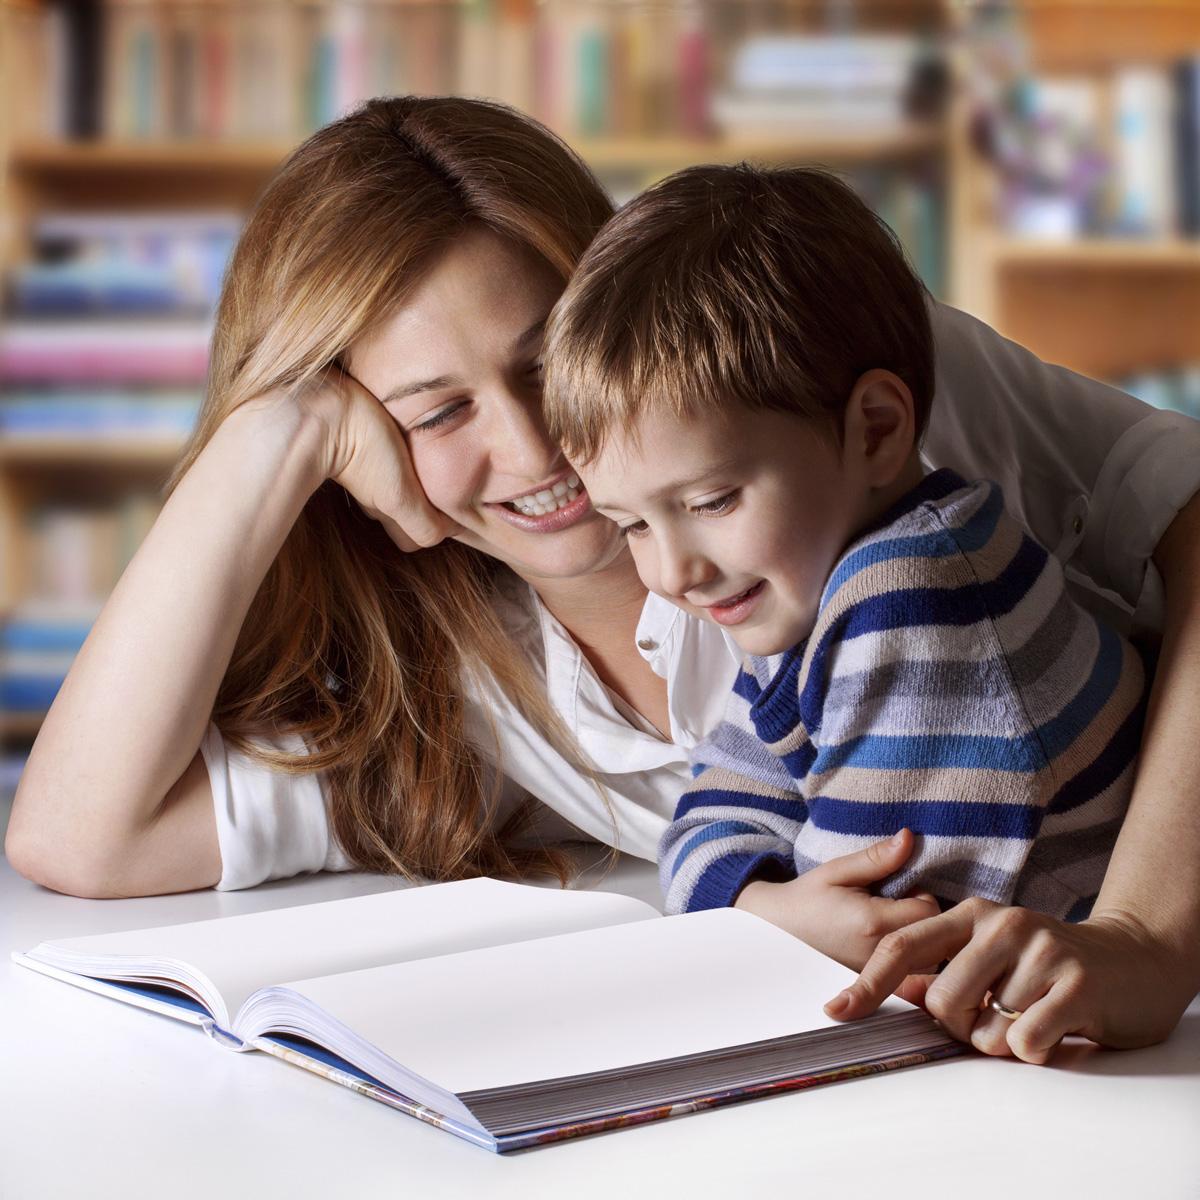 نکات مهم در تربیت فرزندان